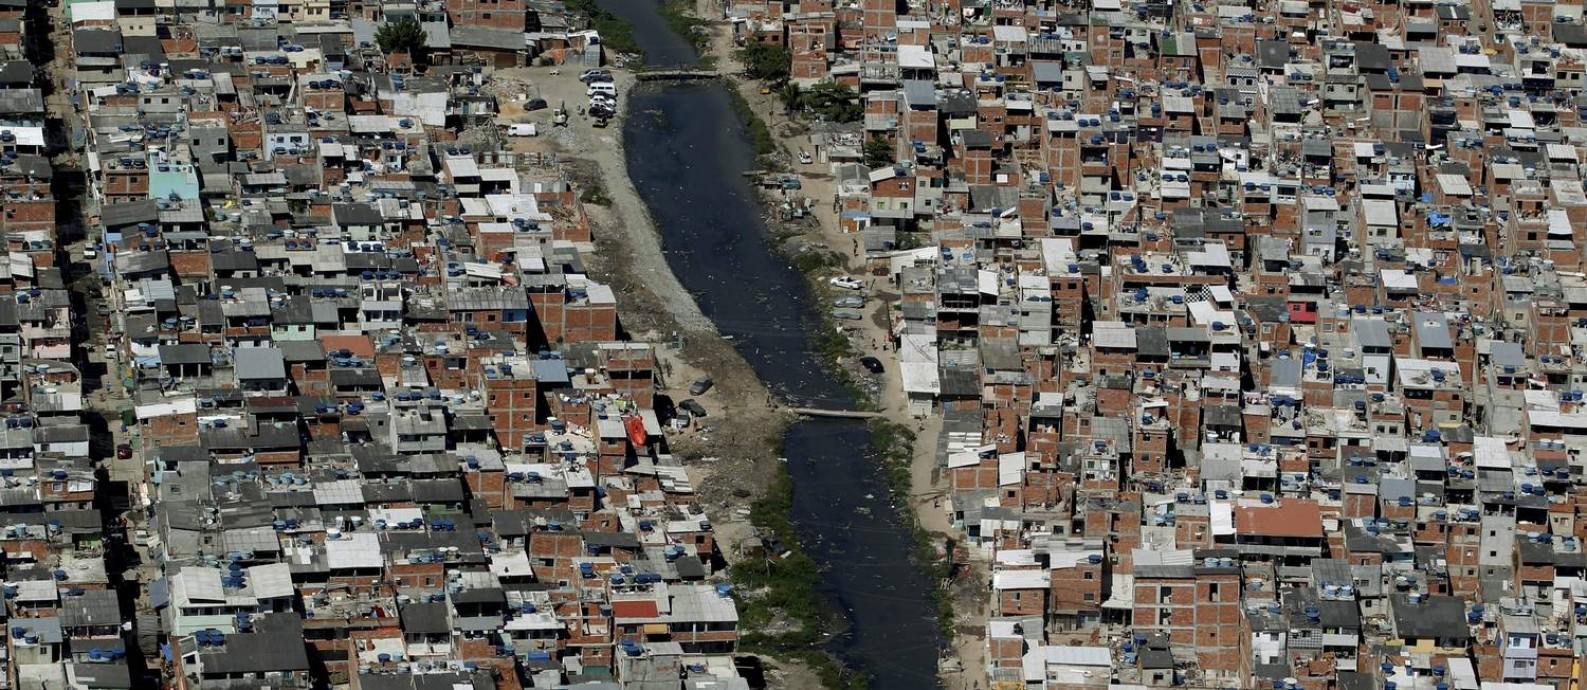 Desigualdade no Rio de Janeiro: Favela de Rio das Pedras Foto: / Custódio Coimbra